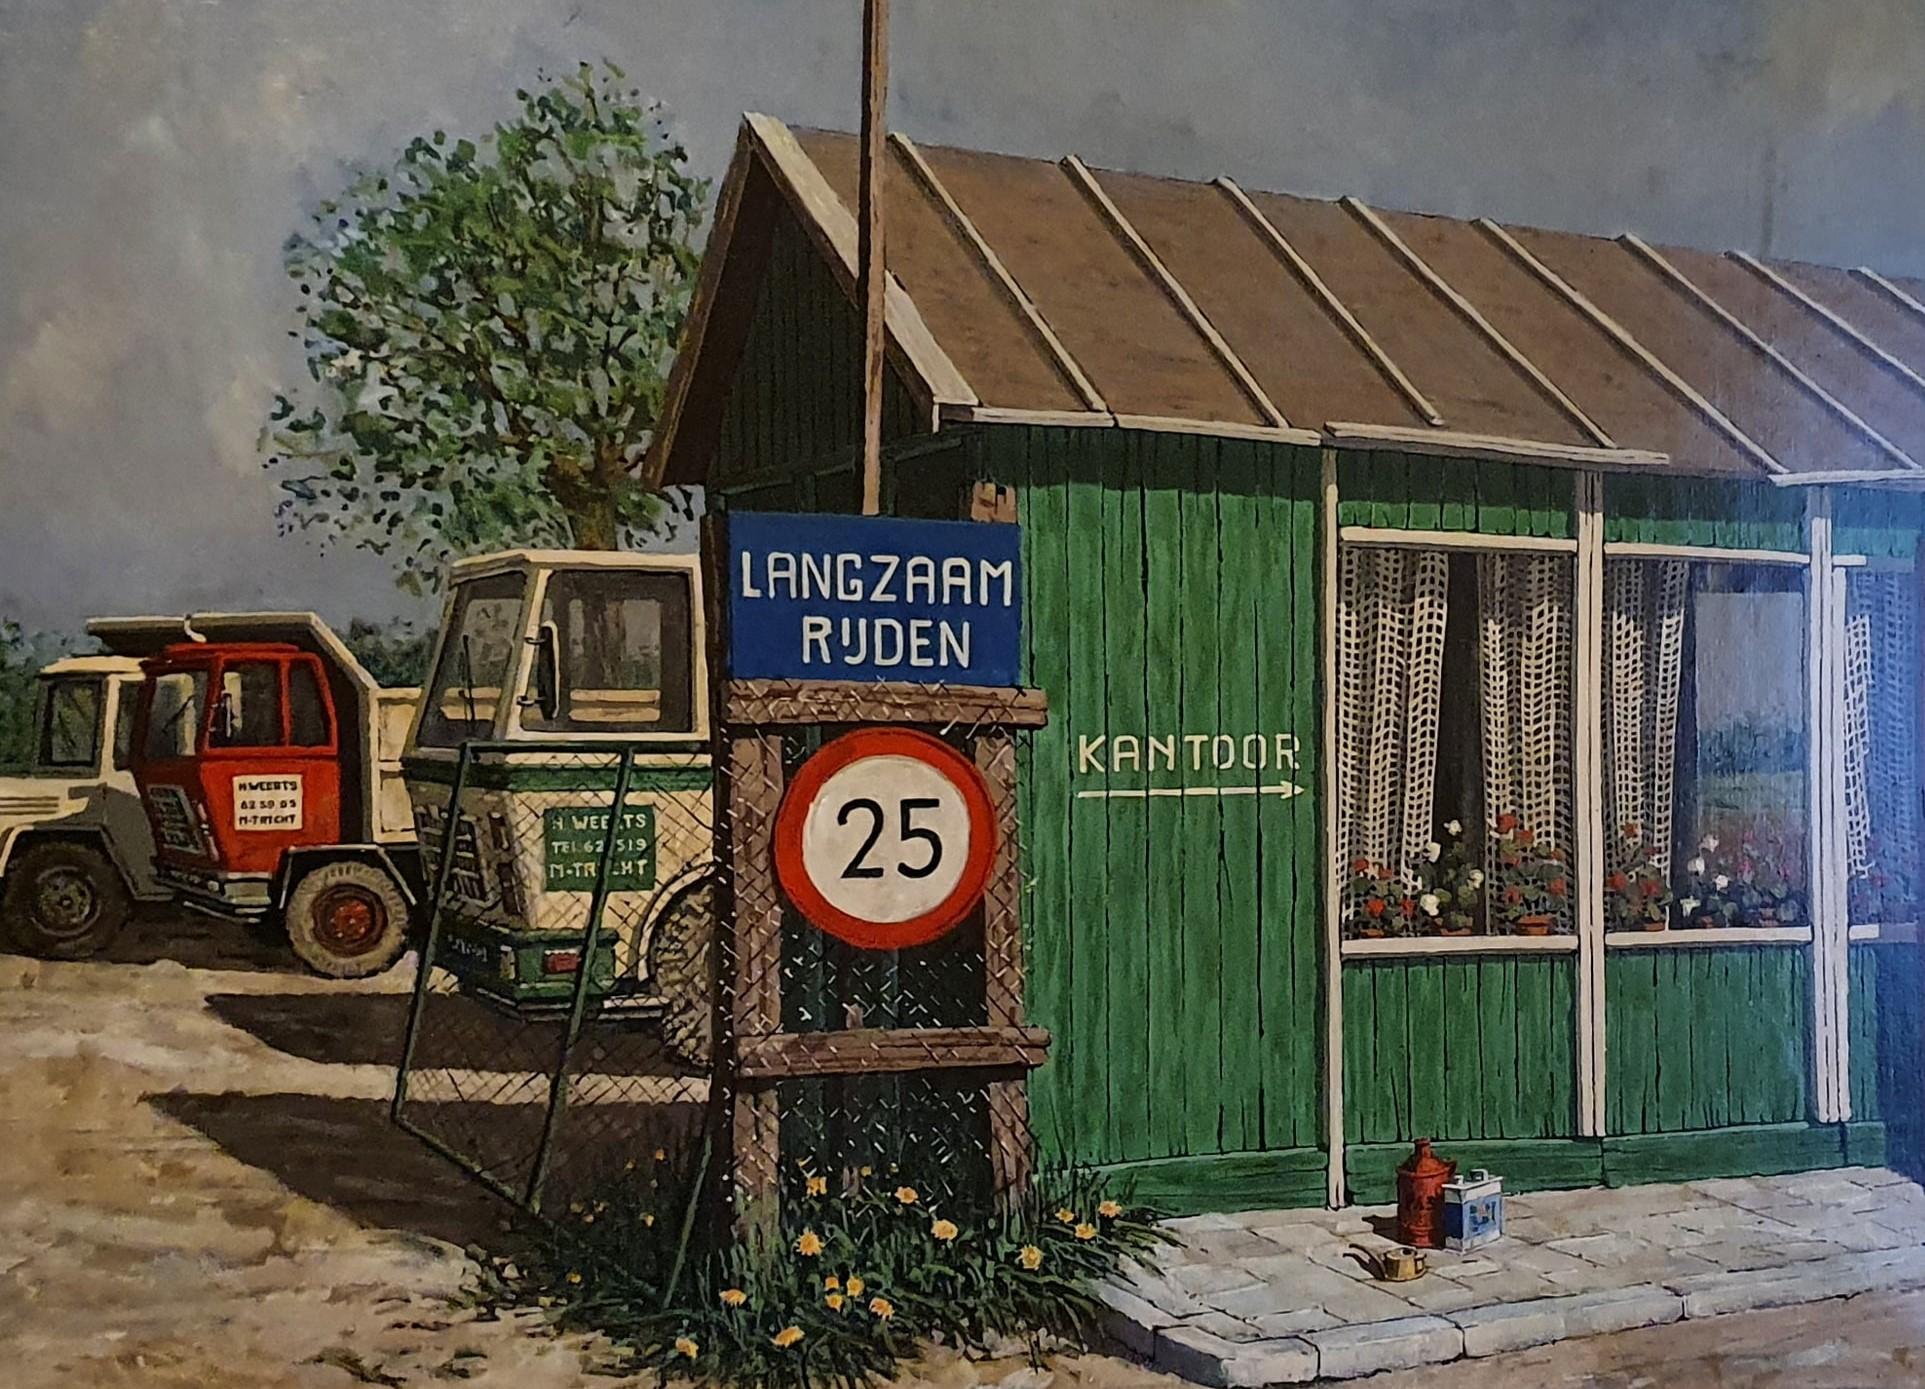 0-Schilderij-van-Schoonvader-Weerts-